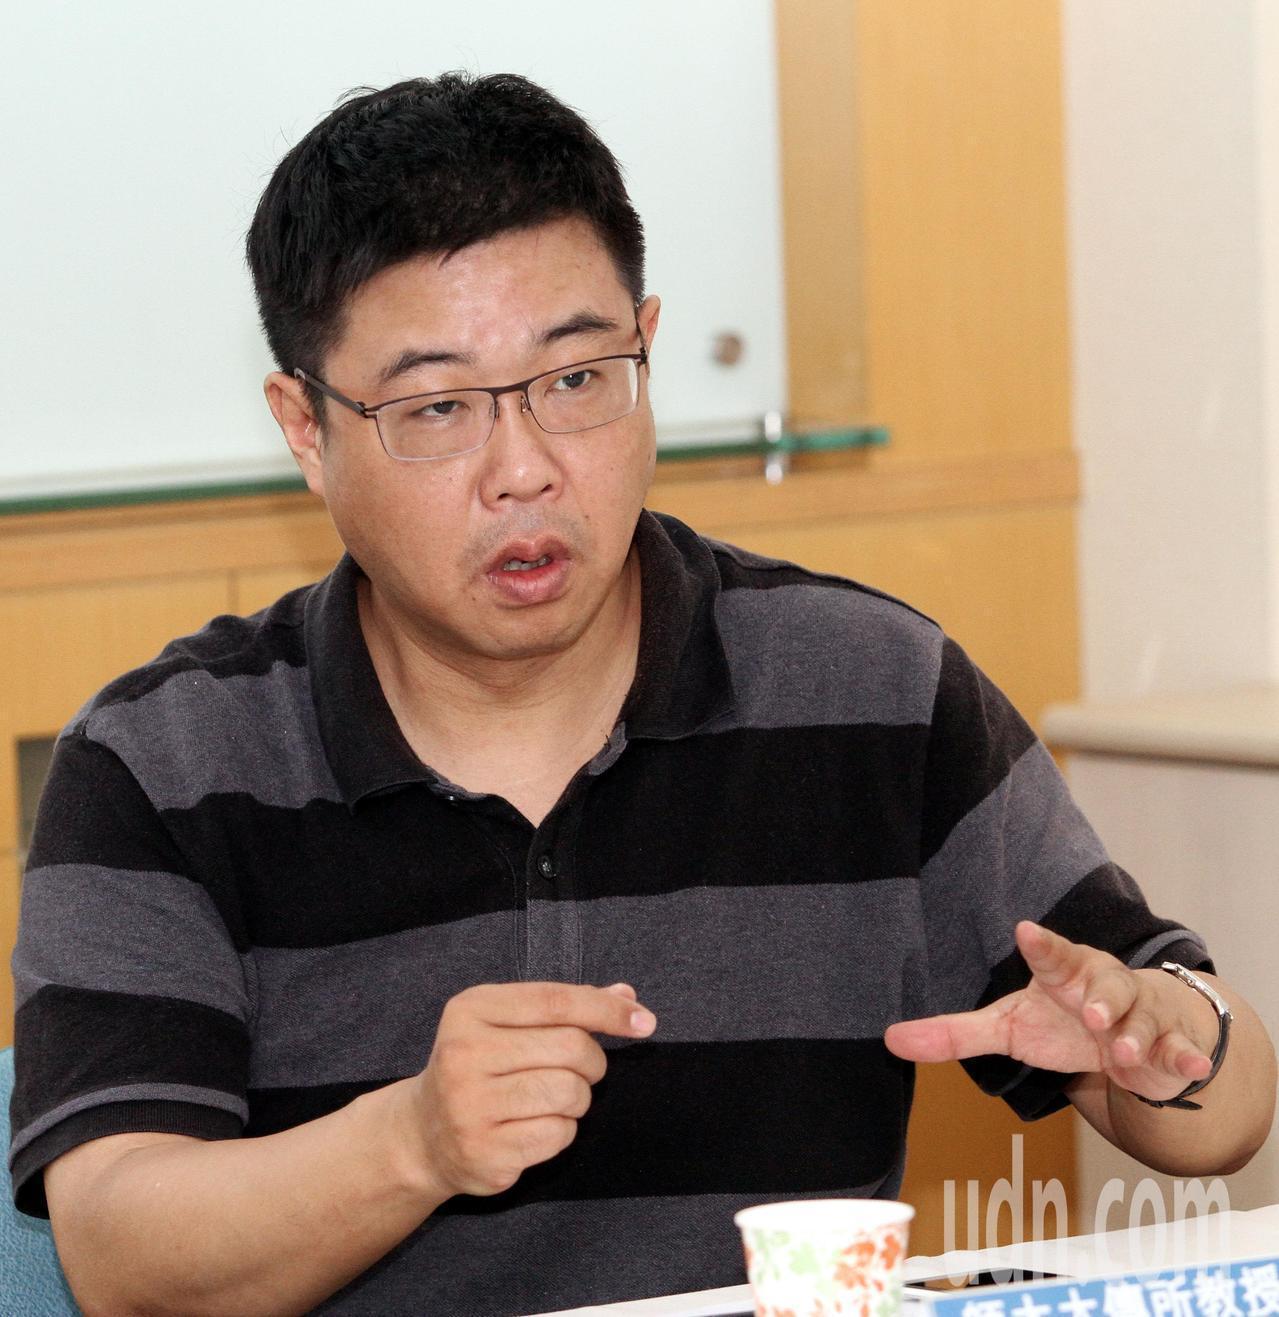 文化大學新聞系主任胡幼偉表示,這些「地氣族」的主要特徵包括:自認在社會上社會經濟...